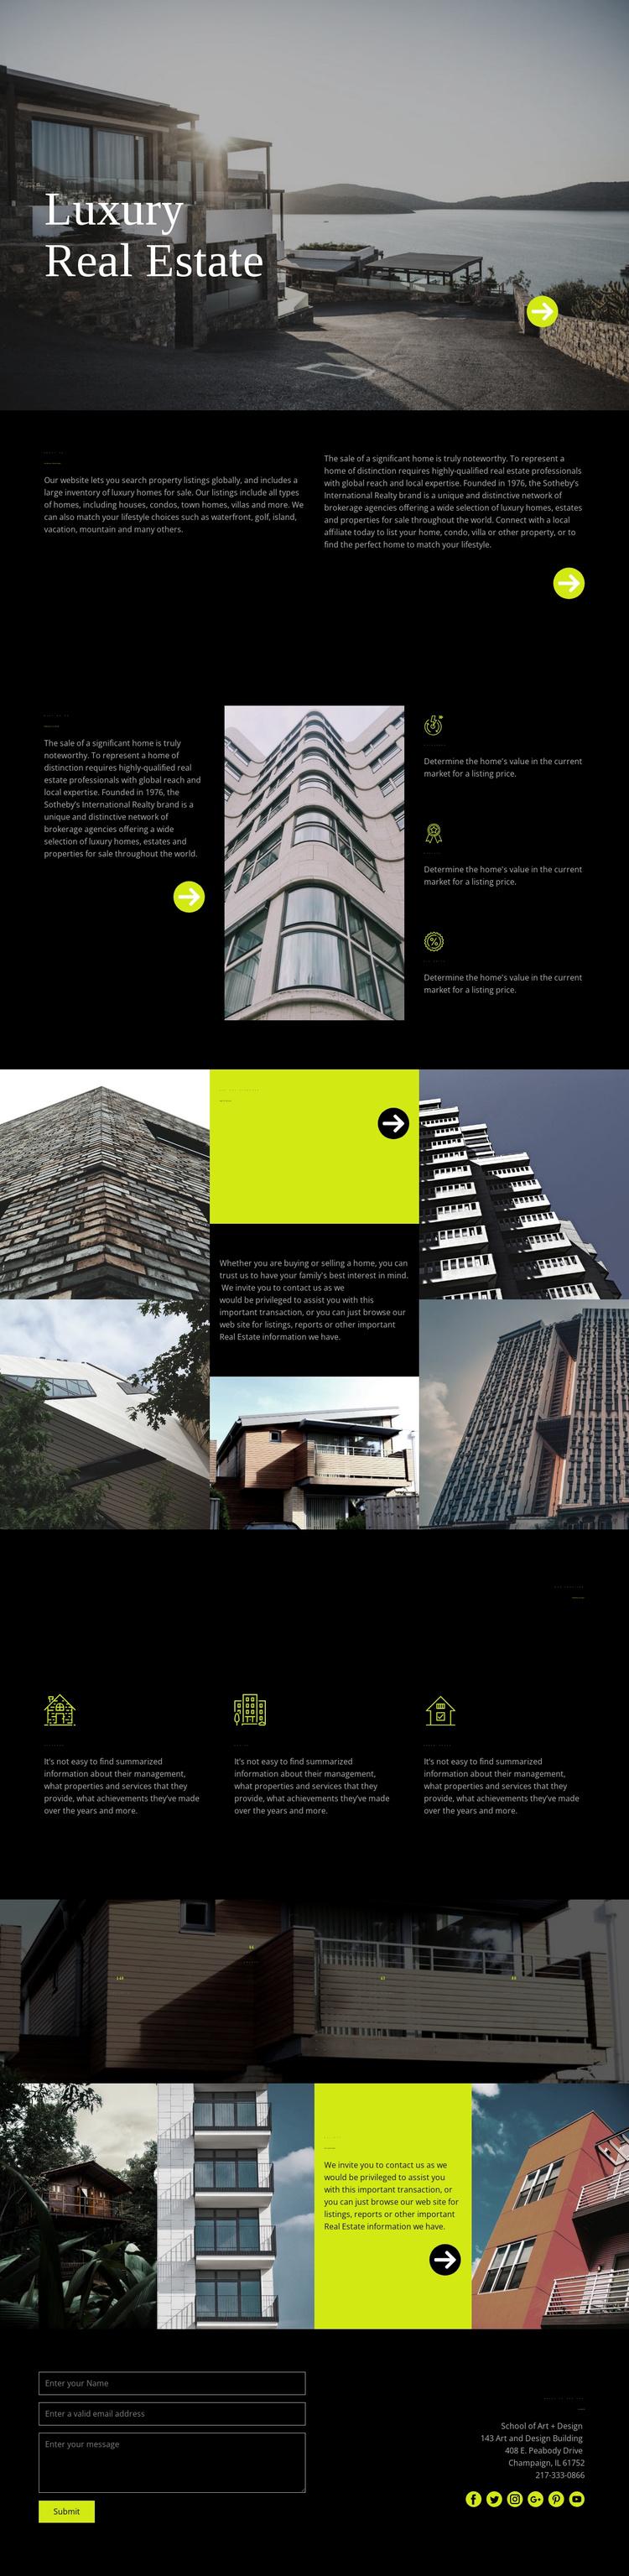 Luxury real estate Joomla Template